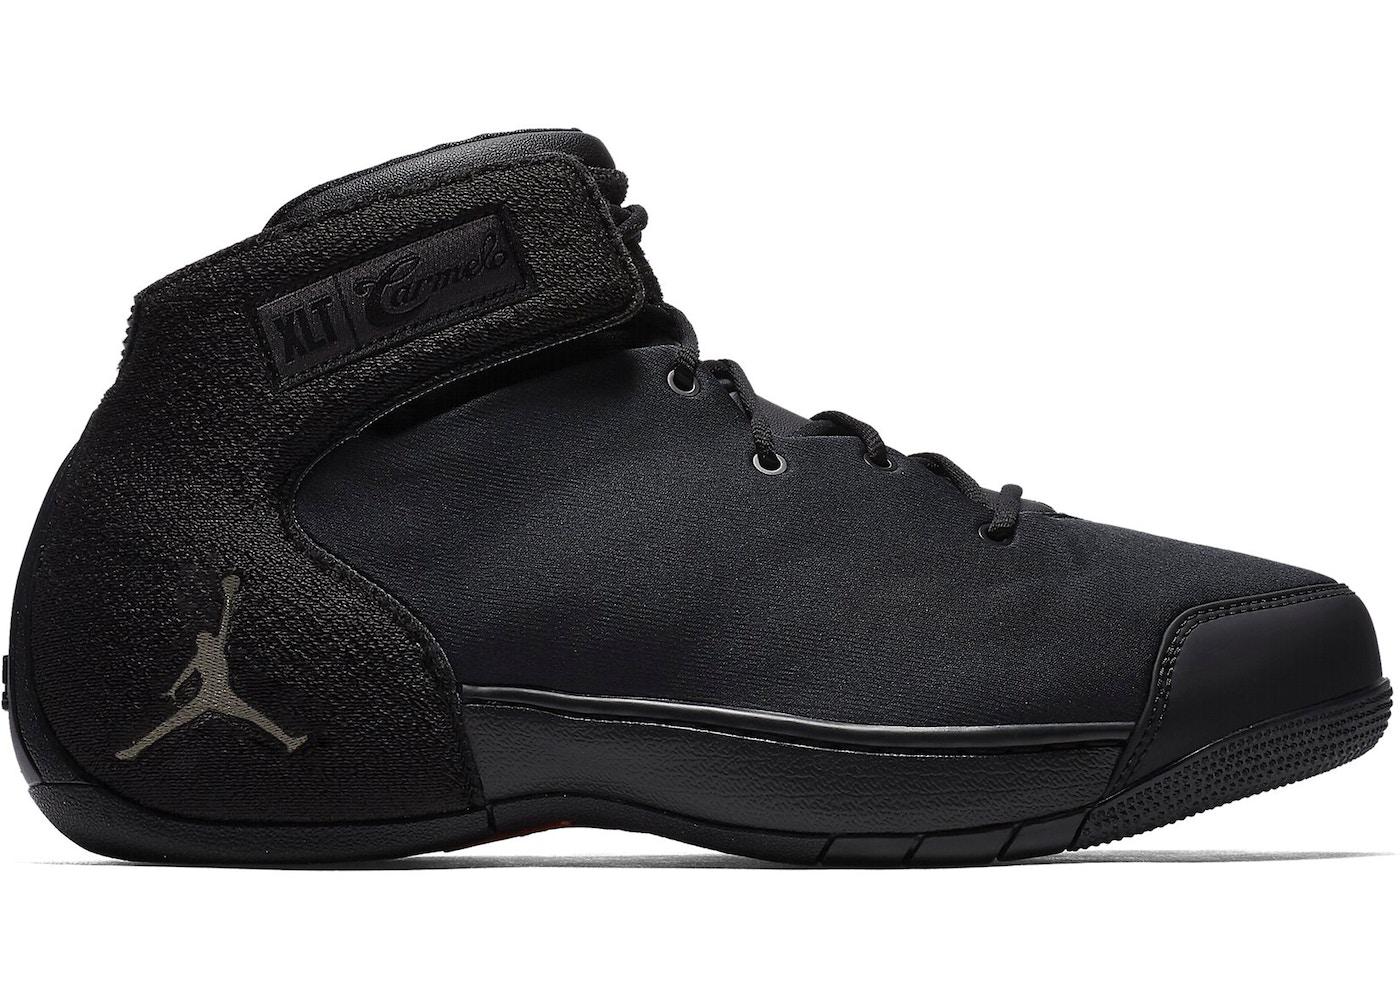 separation shoes d8503 75a5e Jordan Melo 1.5 Hoodie Melo